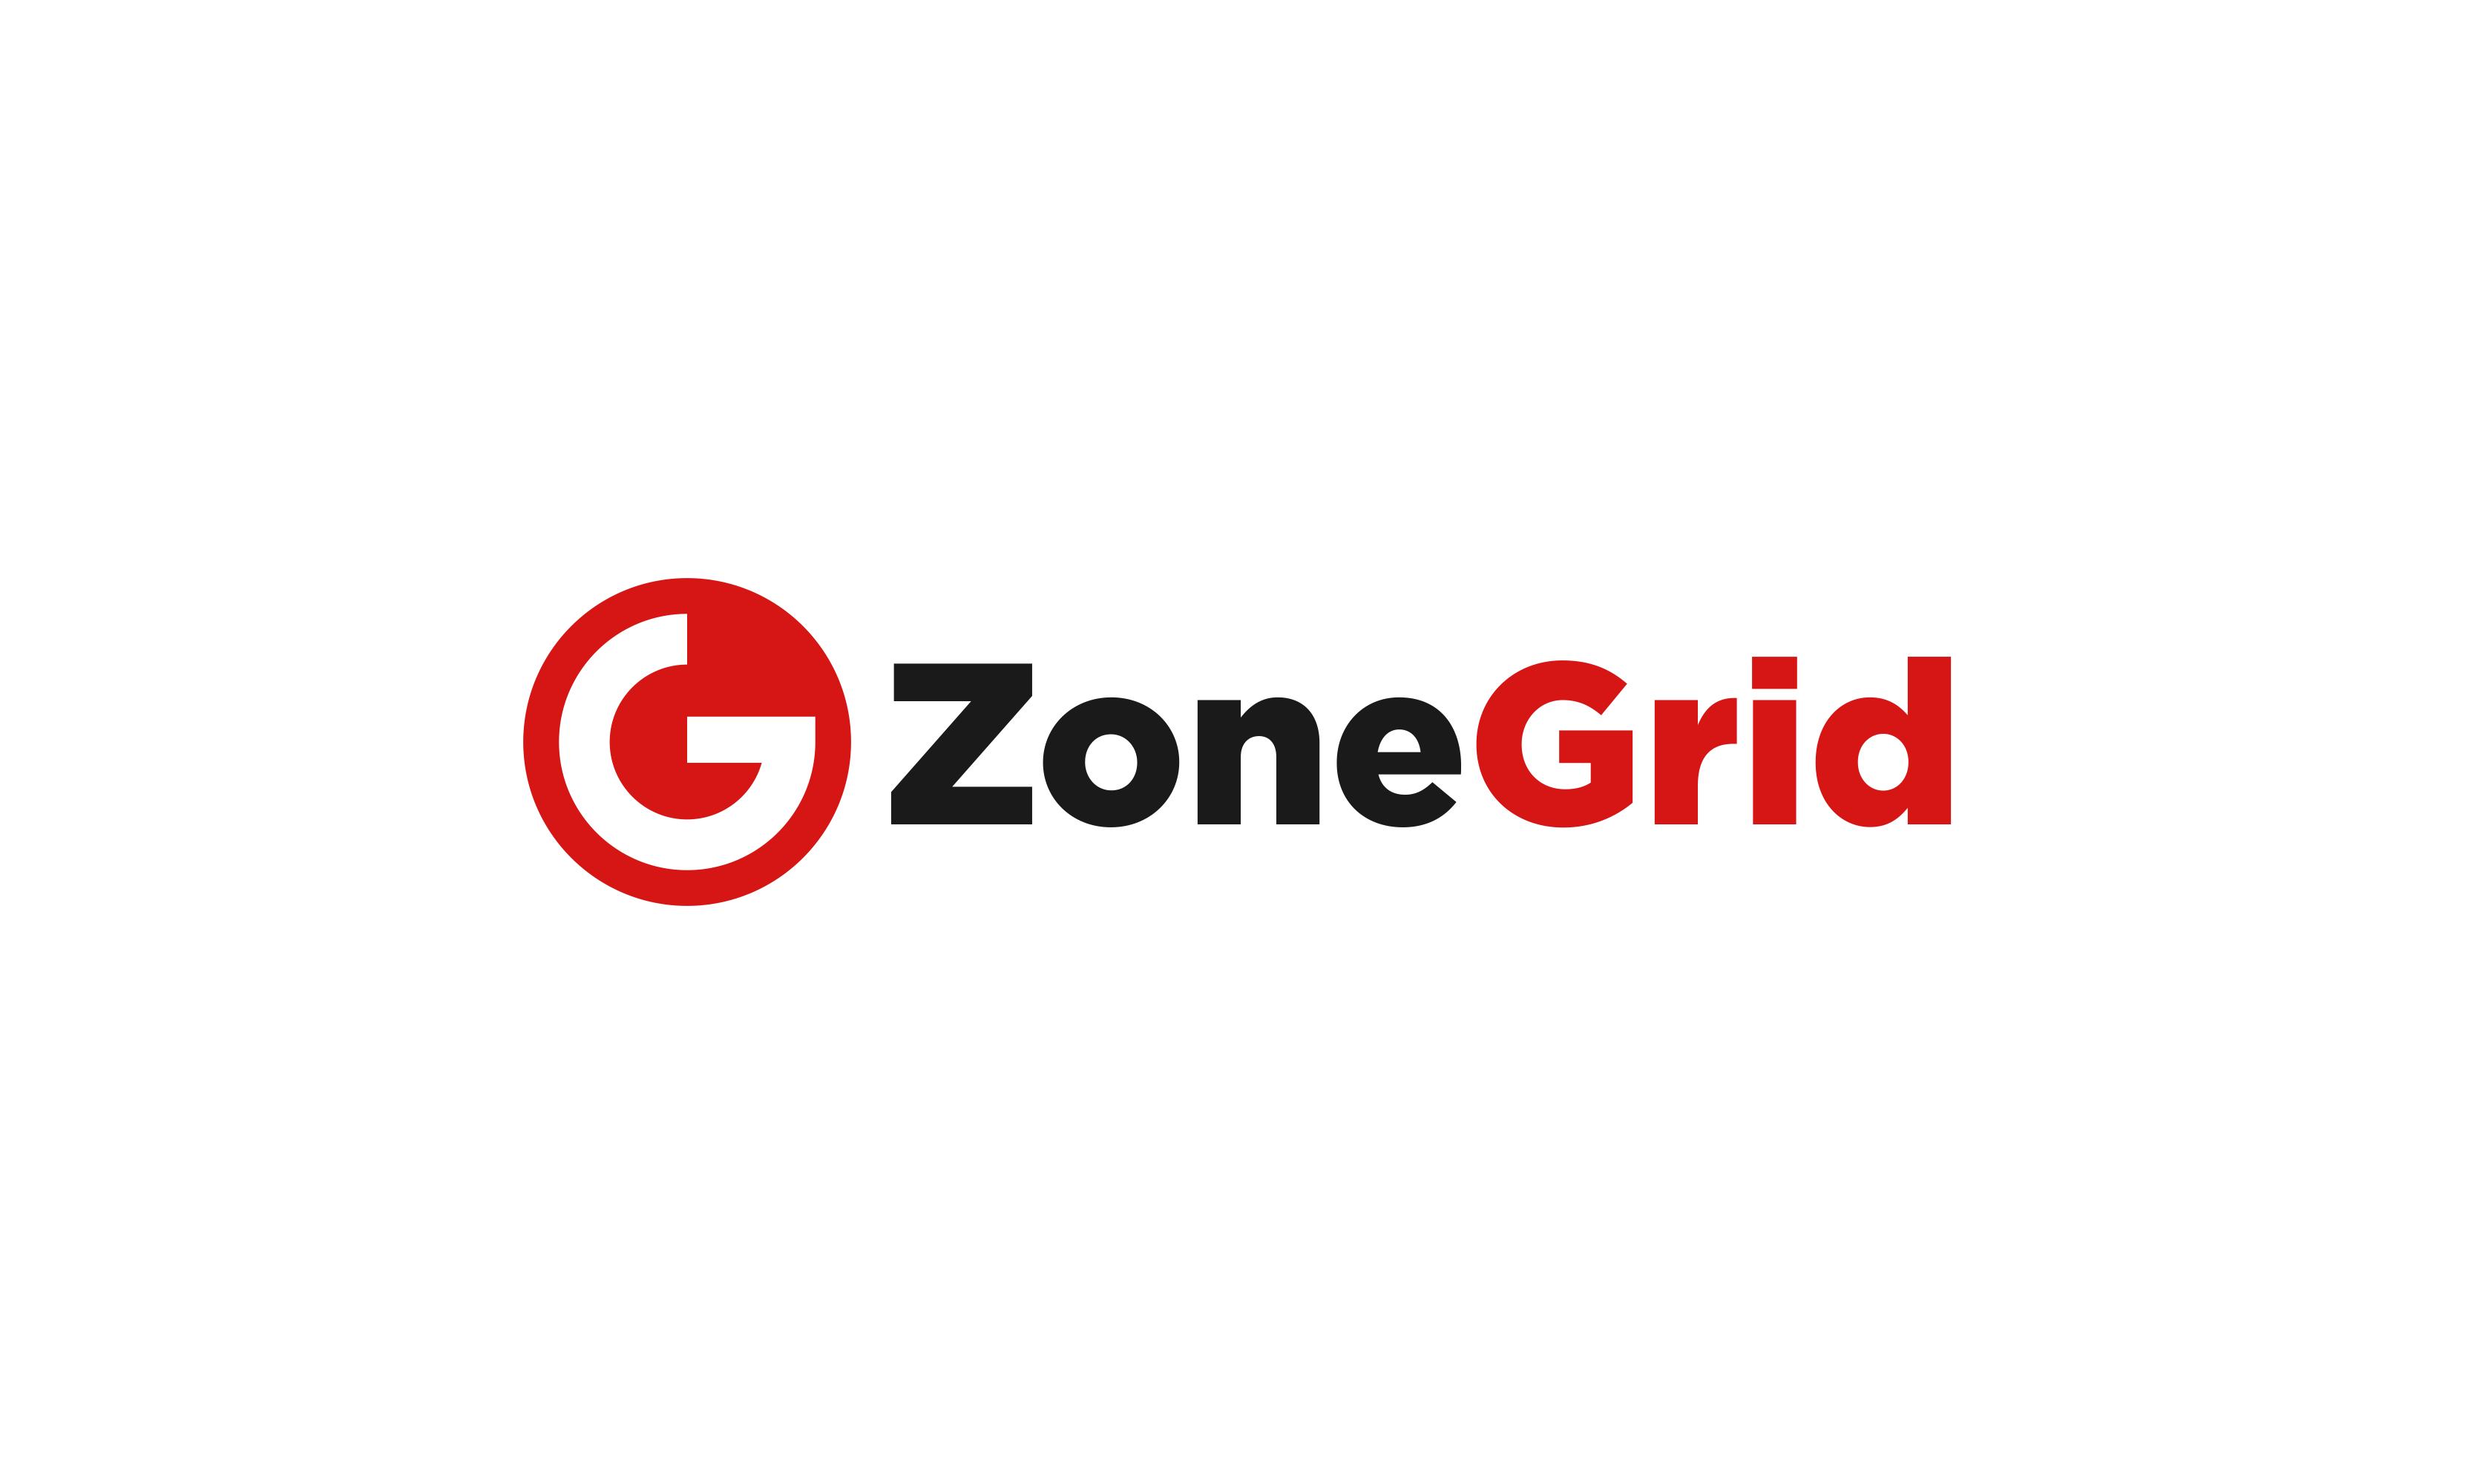 Zonegrid